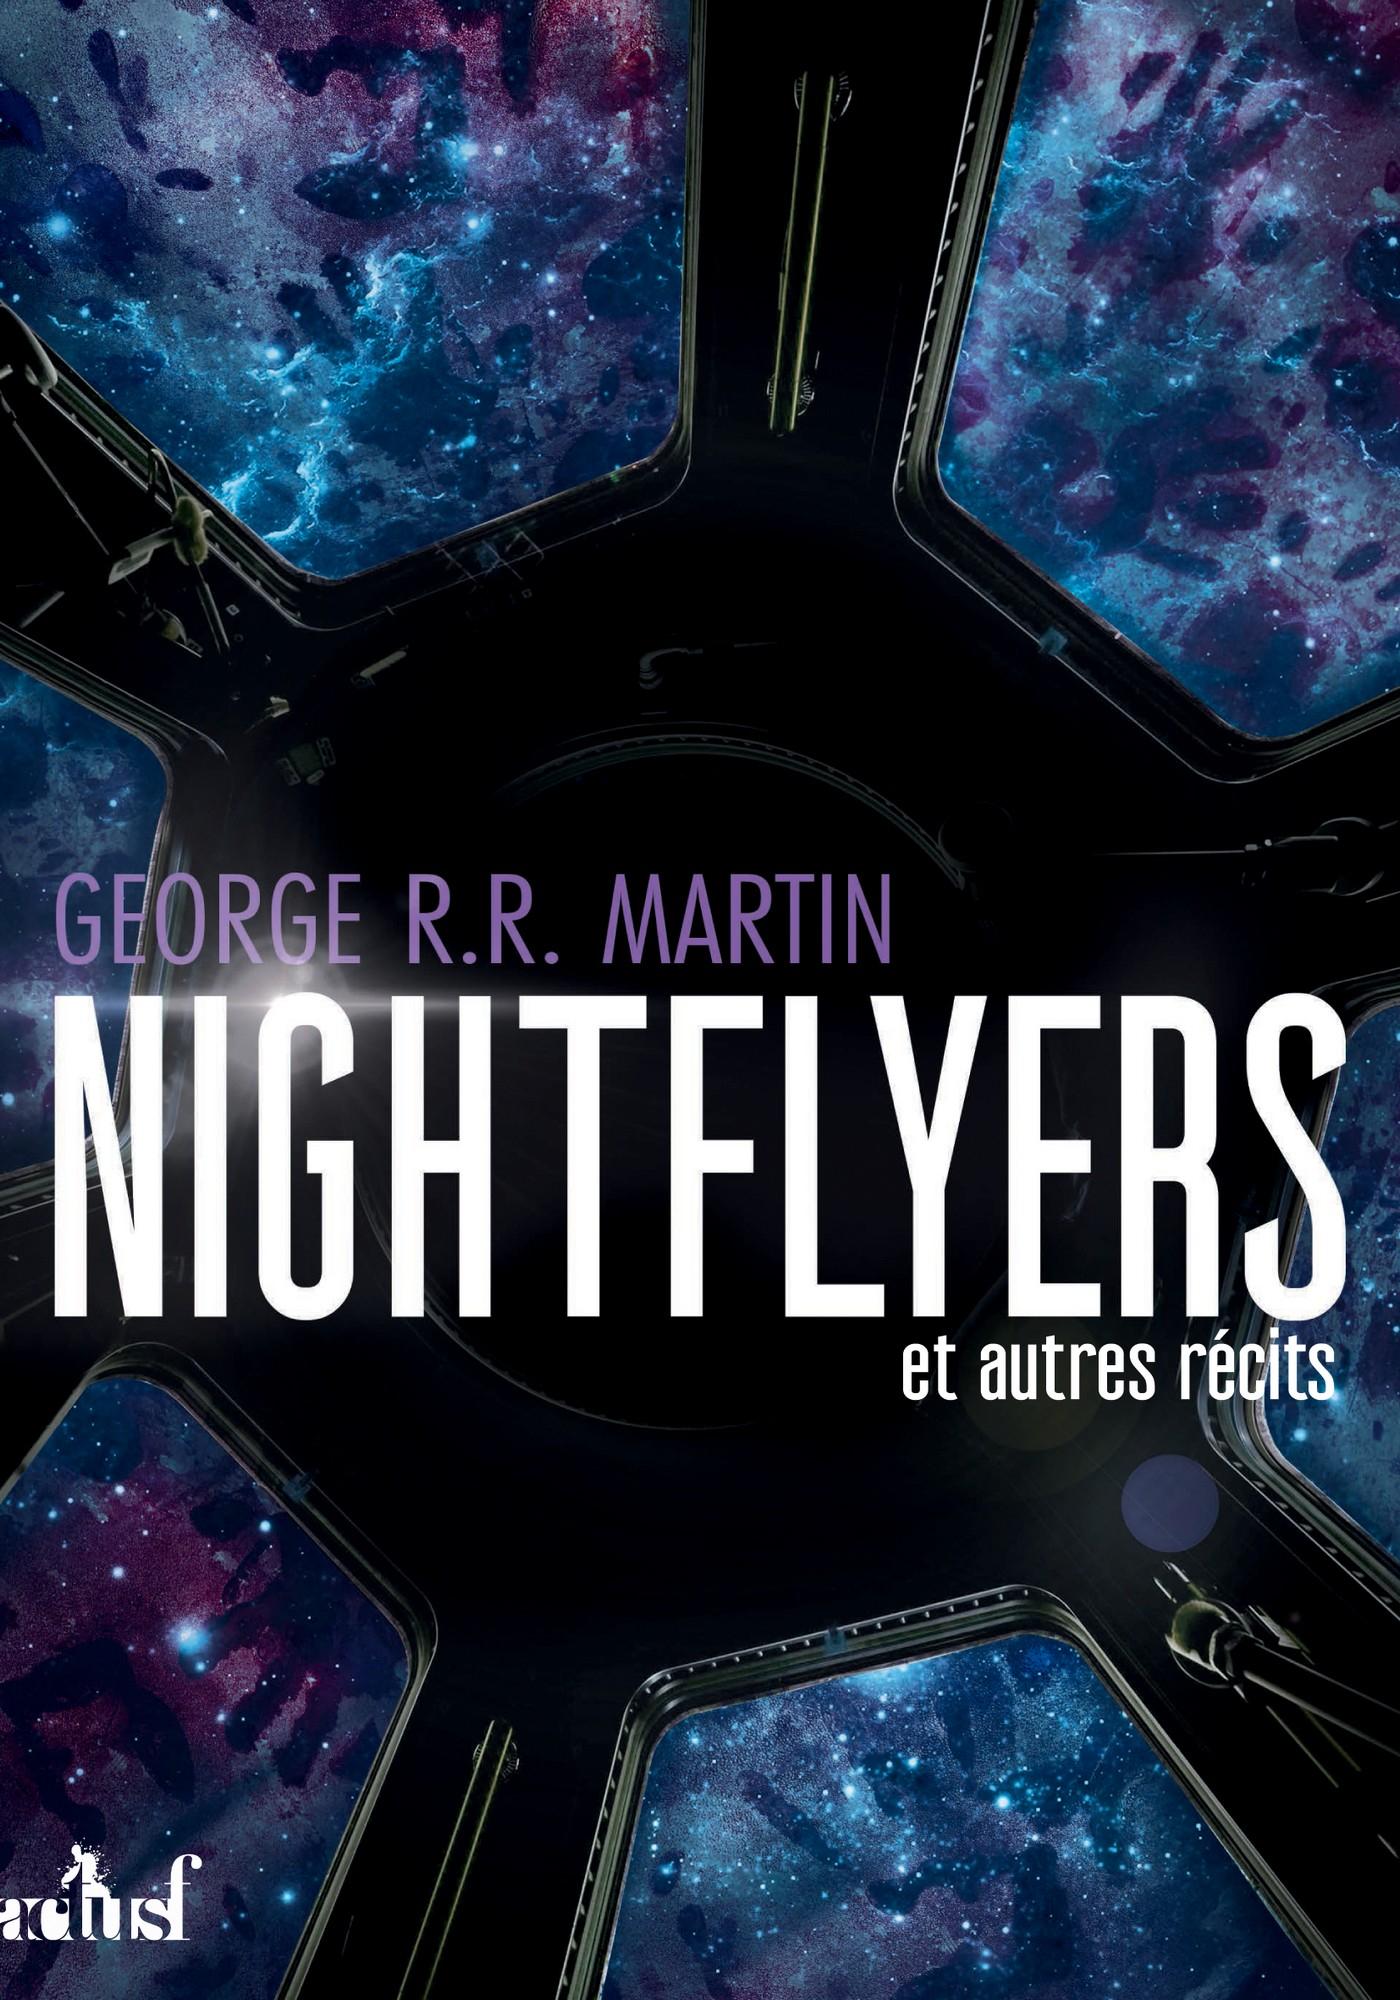 The Nightflyers et autres récits |